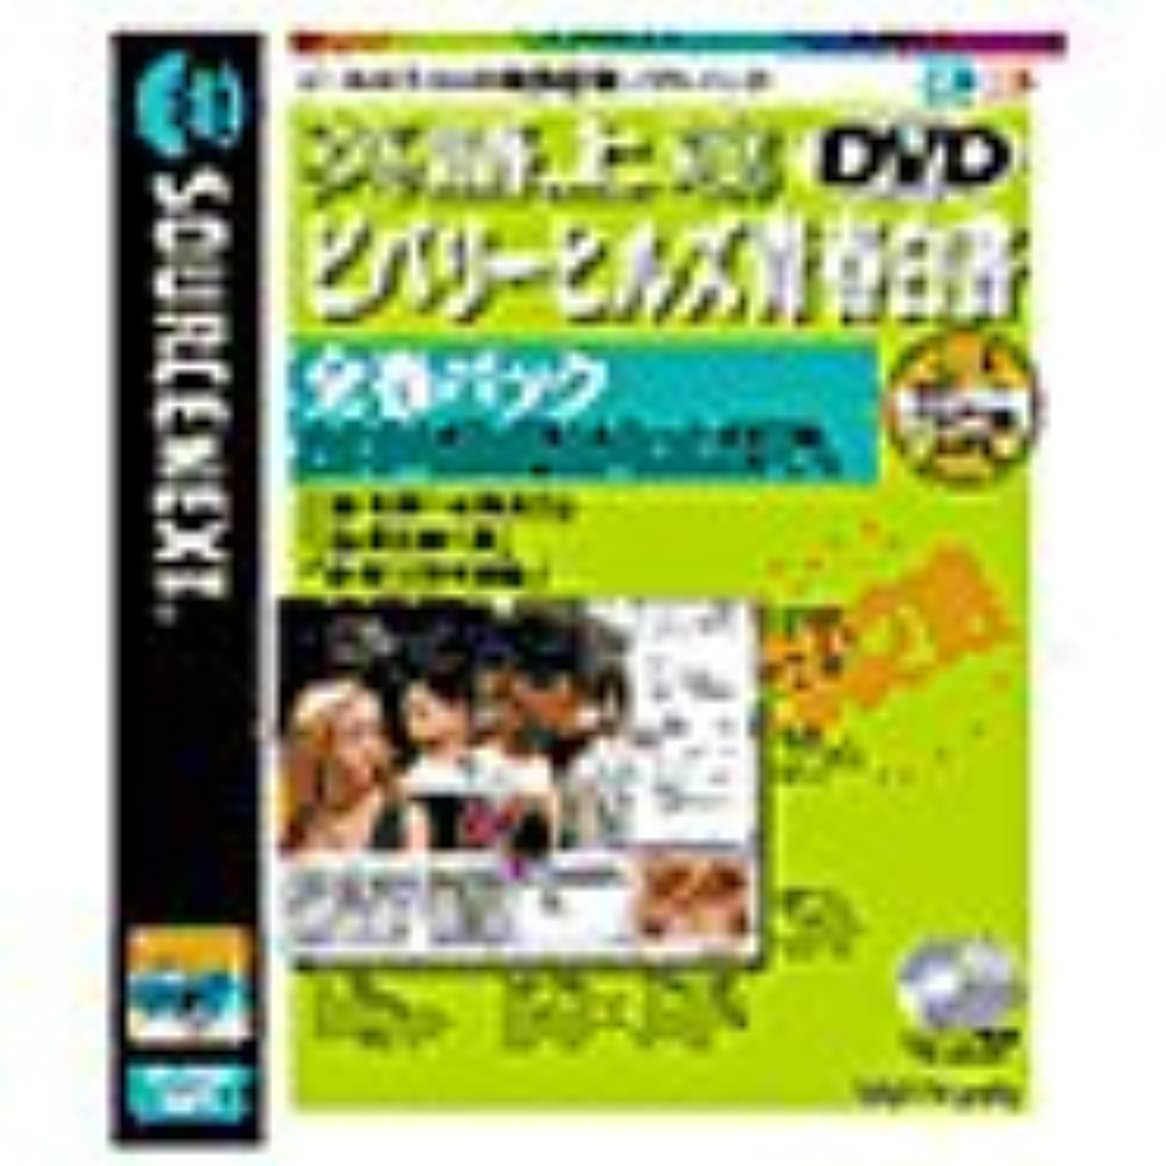 韓国思想必需品英語上達 ビバリーヒルズ青春白書 全巻パック DVD版